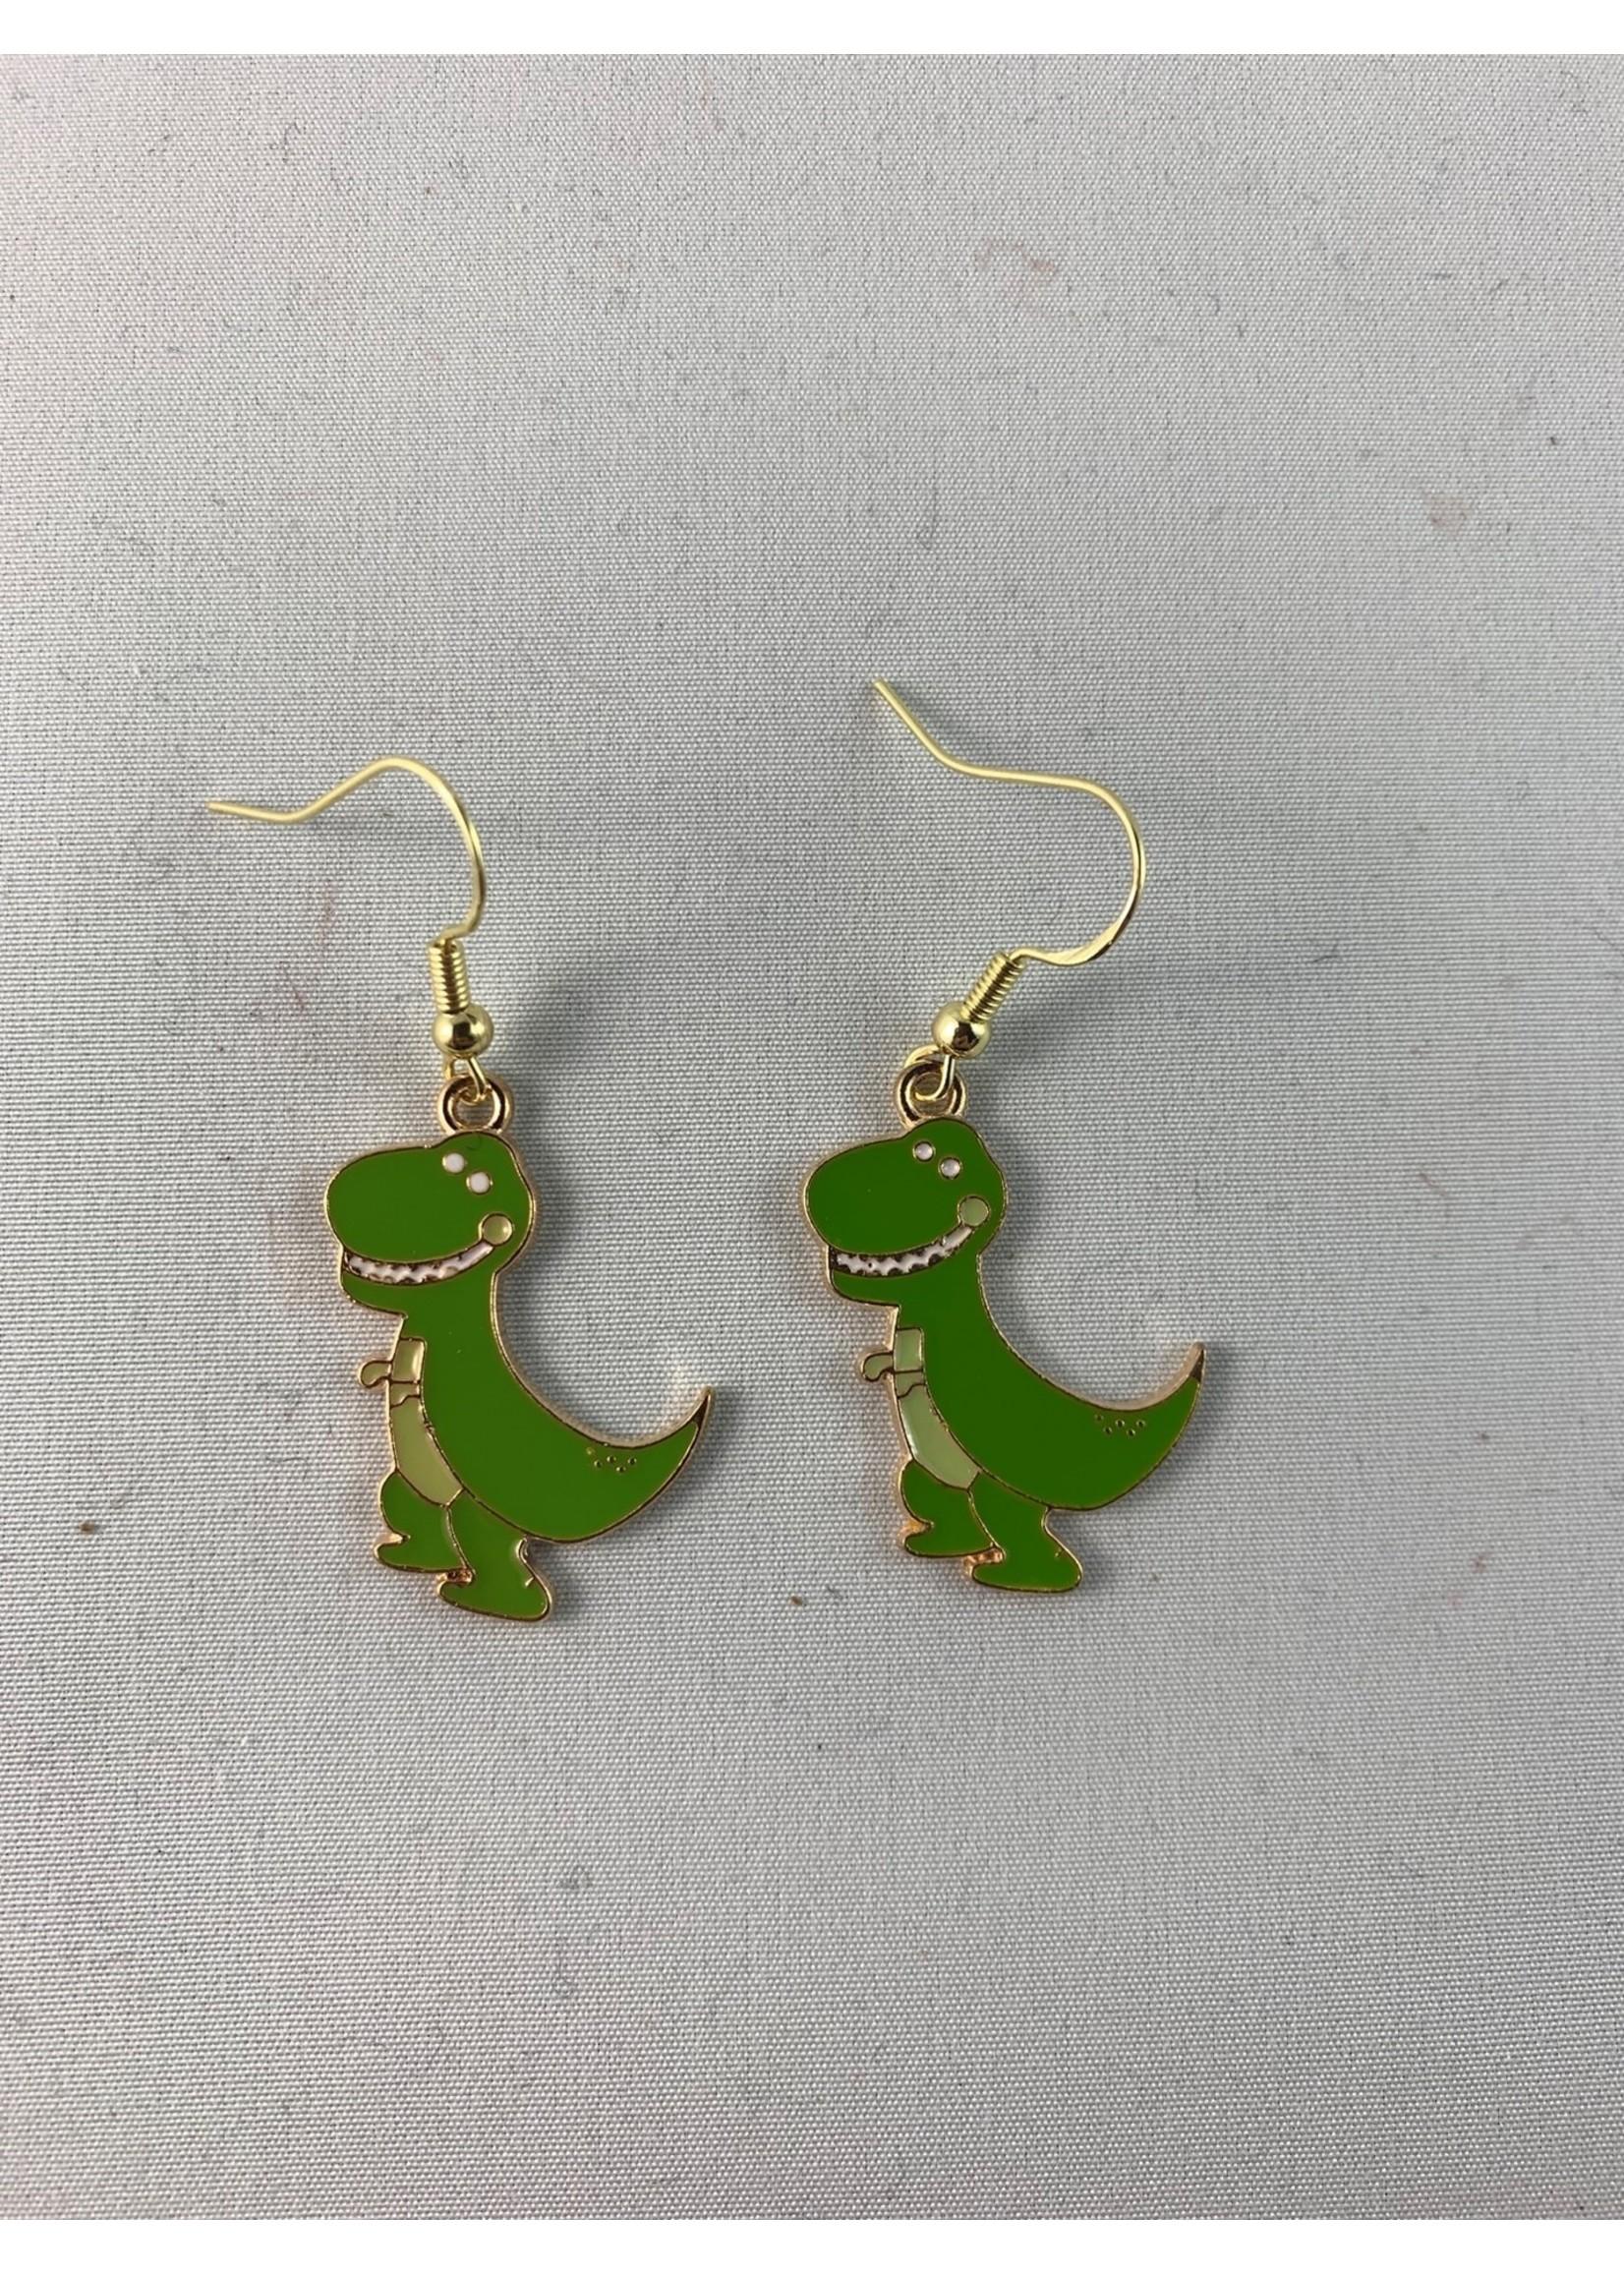 Earrings T-Rex (SOLD)